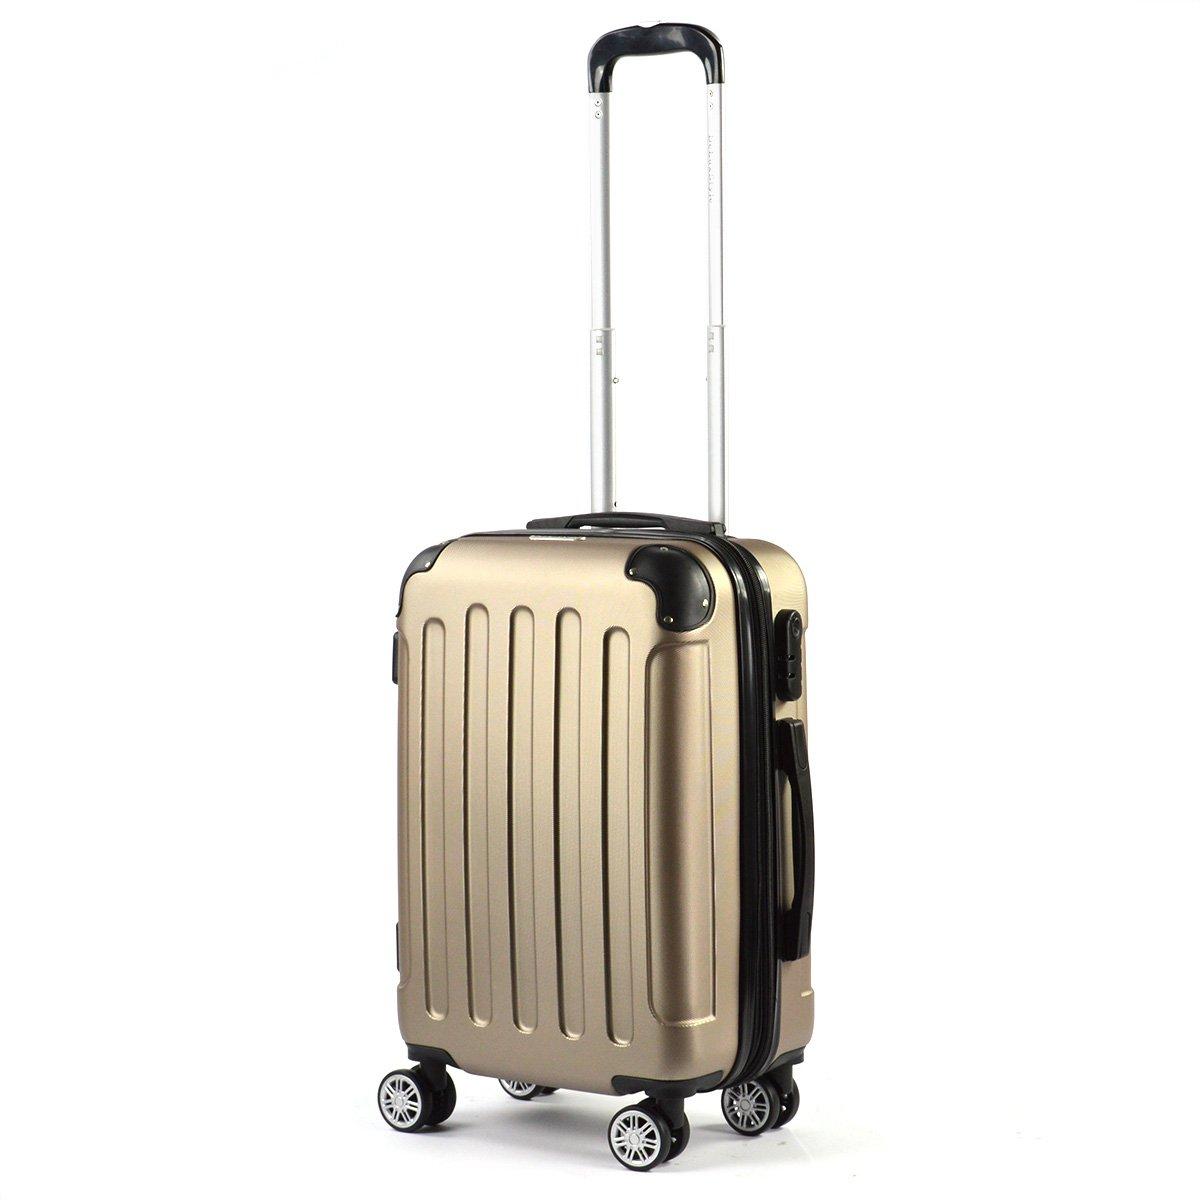 Flexot Handgepä ck - Trolley - Bordcase S - Koffer - Reisekoffer - Hartschale - mit Dehnfalte (Erweiterung), Doppelgriff, Zwillingsreifen, Champagne Flexot-S-Champagne